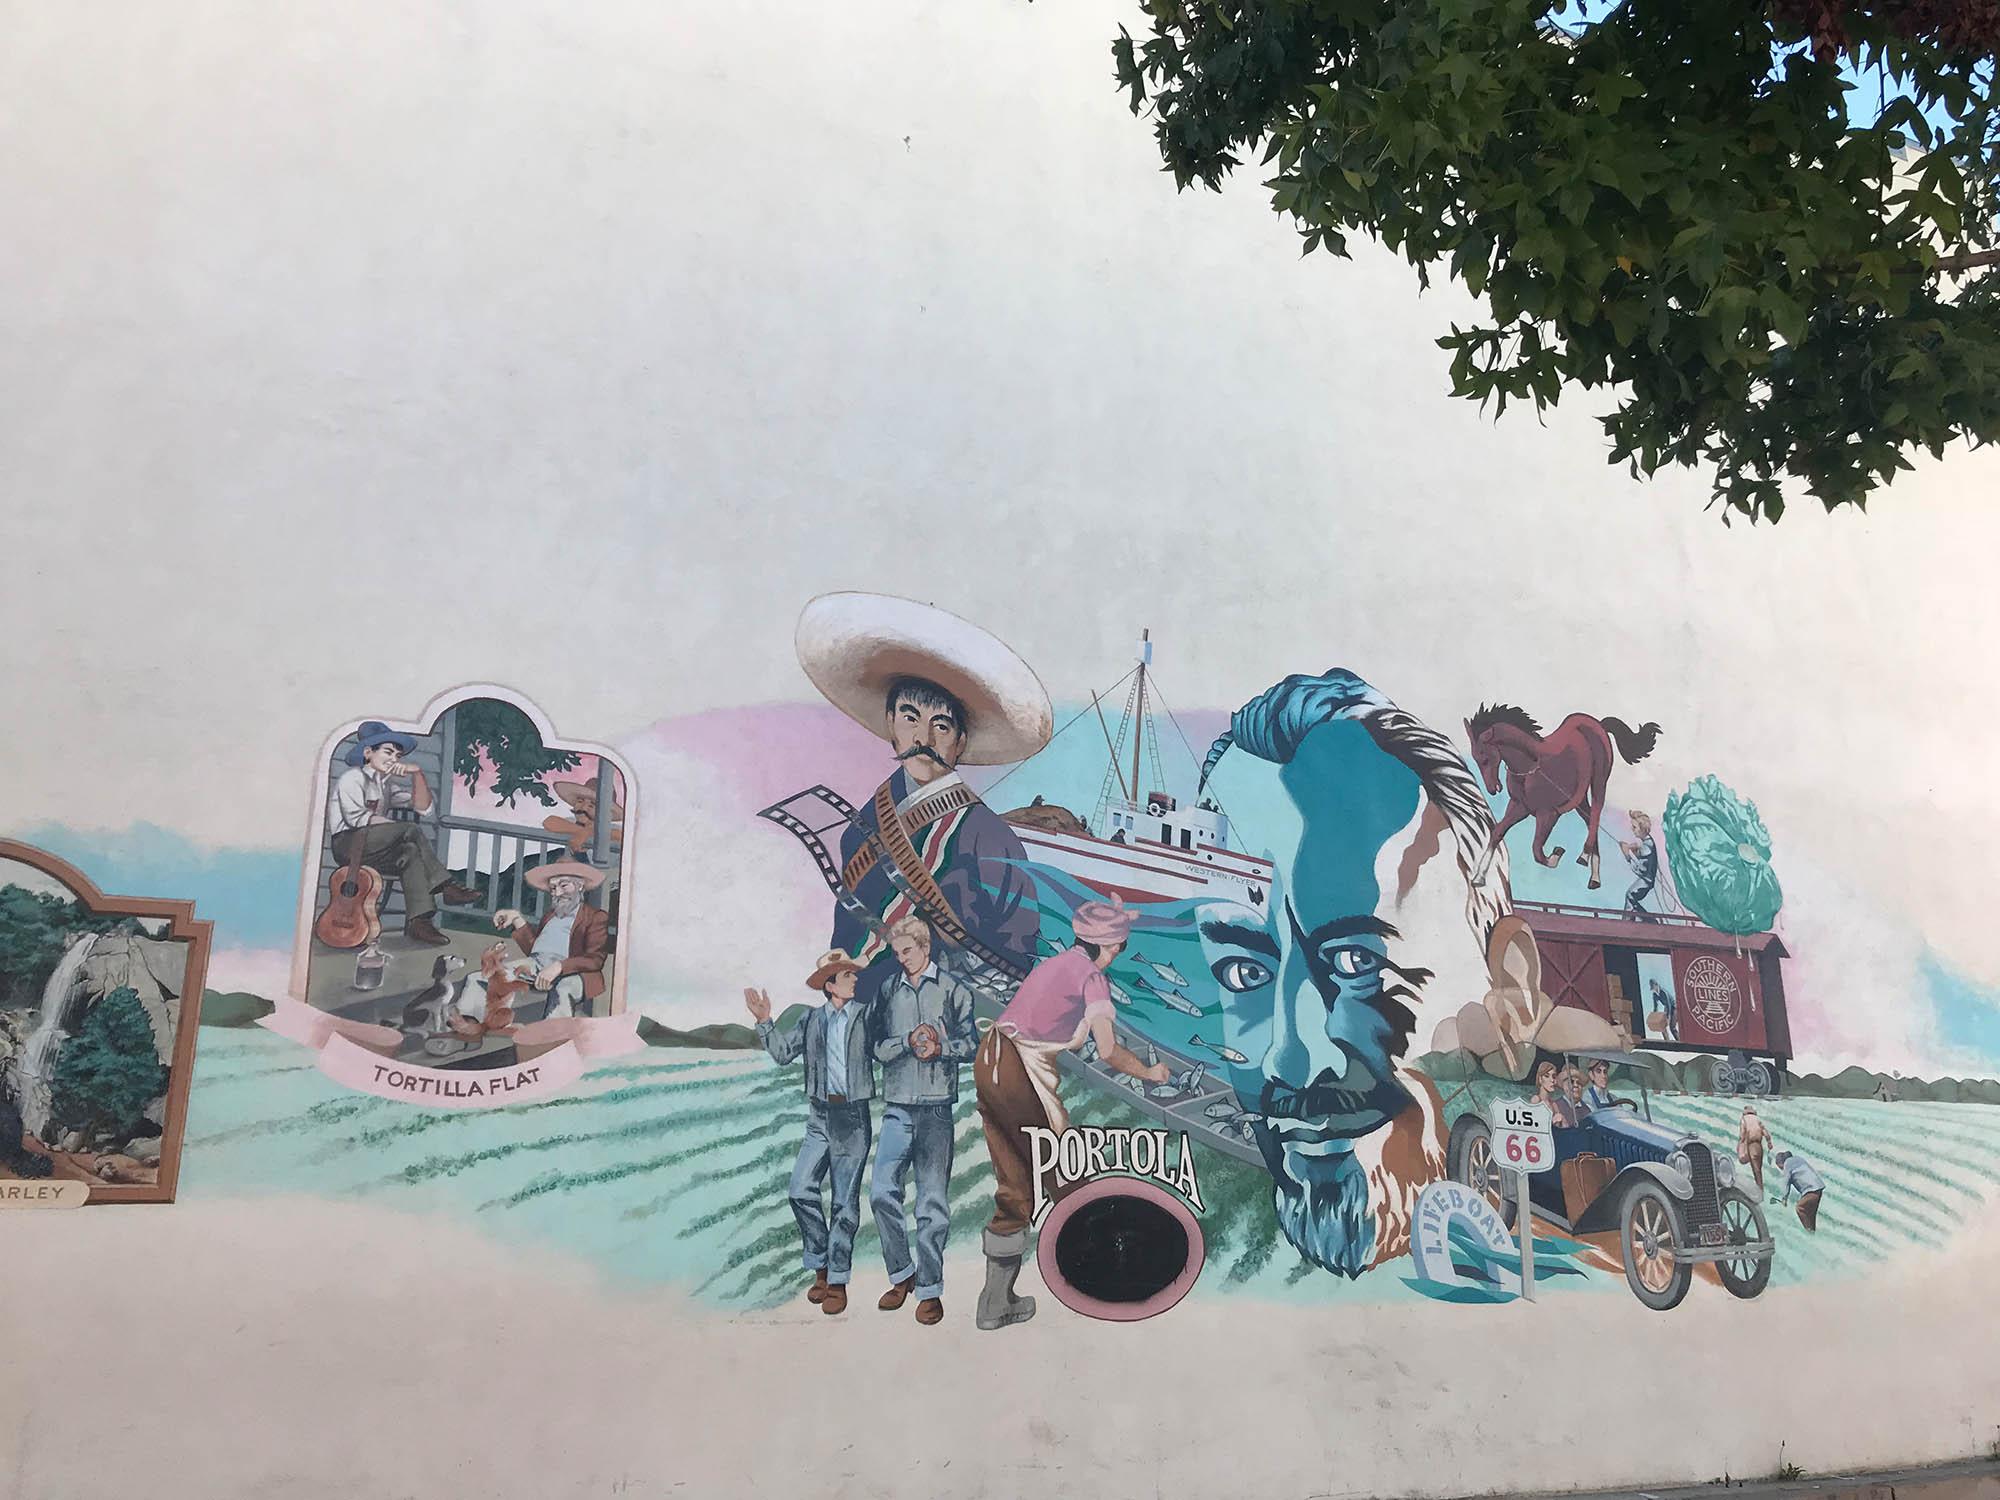 В Салинасе много стрит-арта. Вот стена недалеко от музея Джона Стейнбека